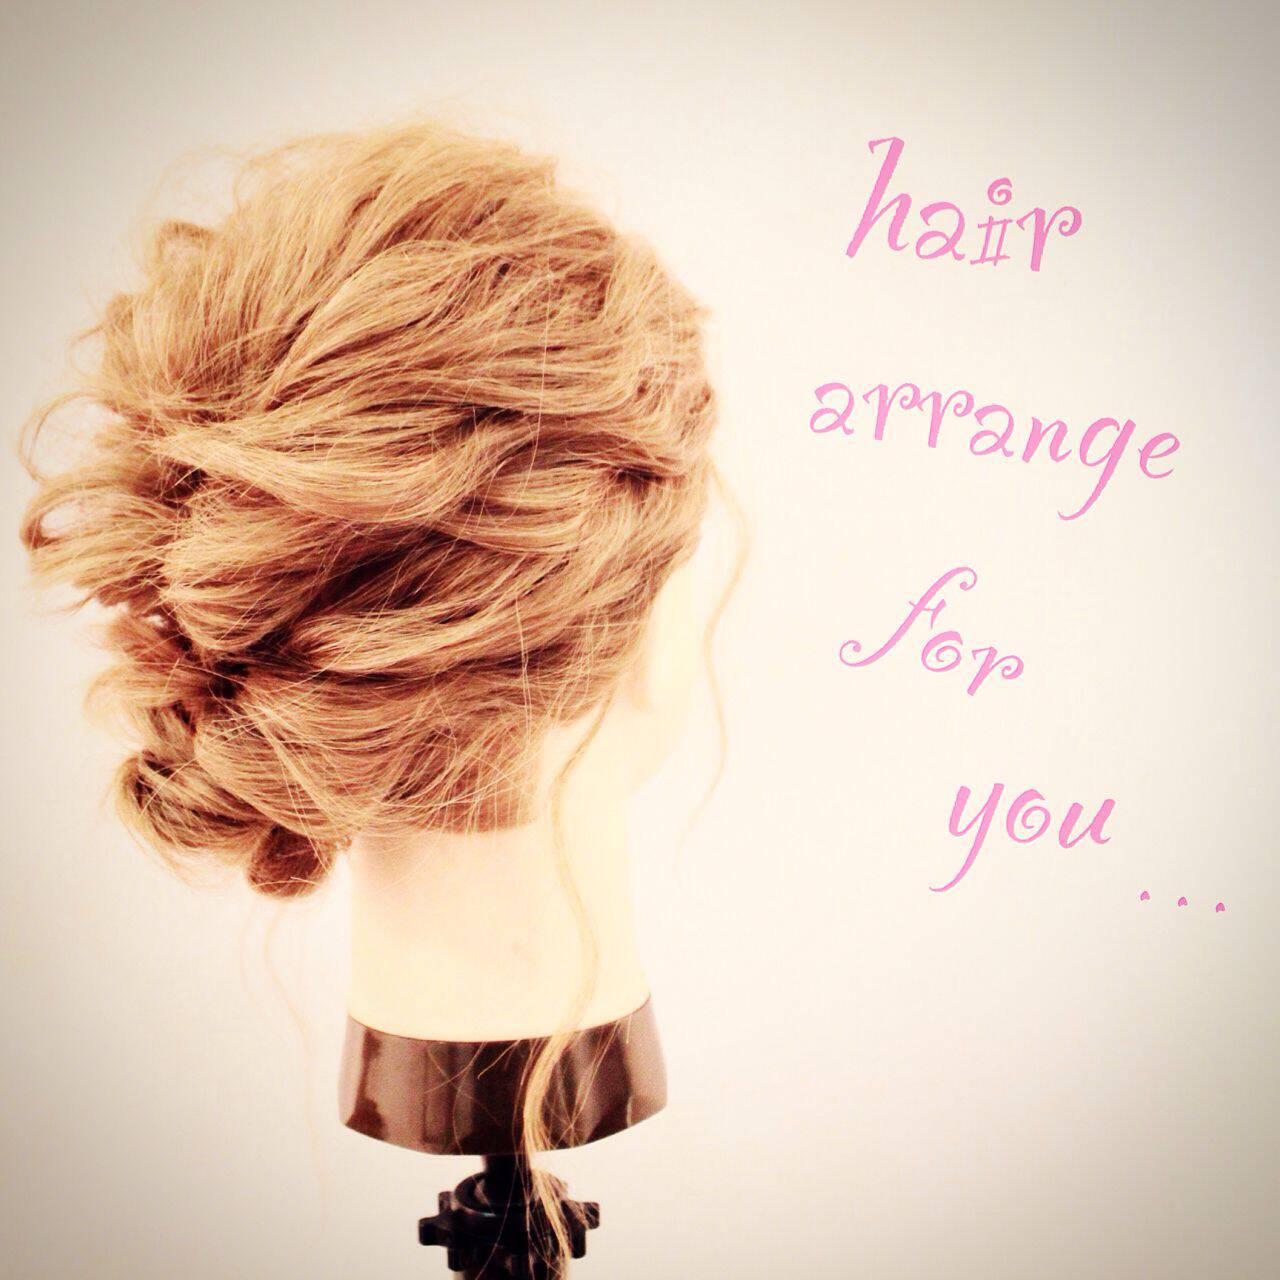 ウェーブ ストリート アップスタイル ヘアアレンジヘアスタイルや髪型の写真・画像